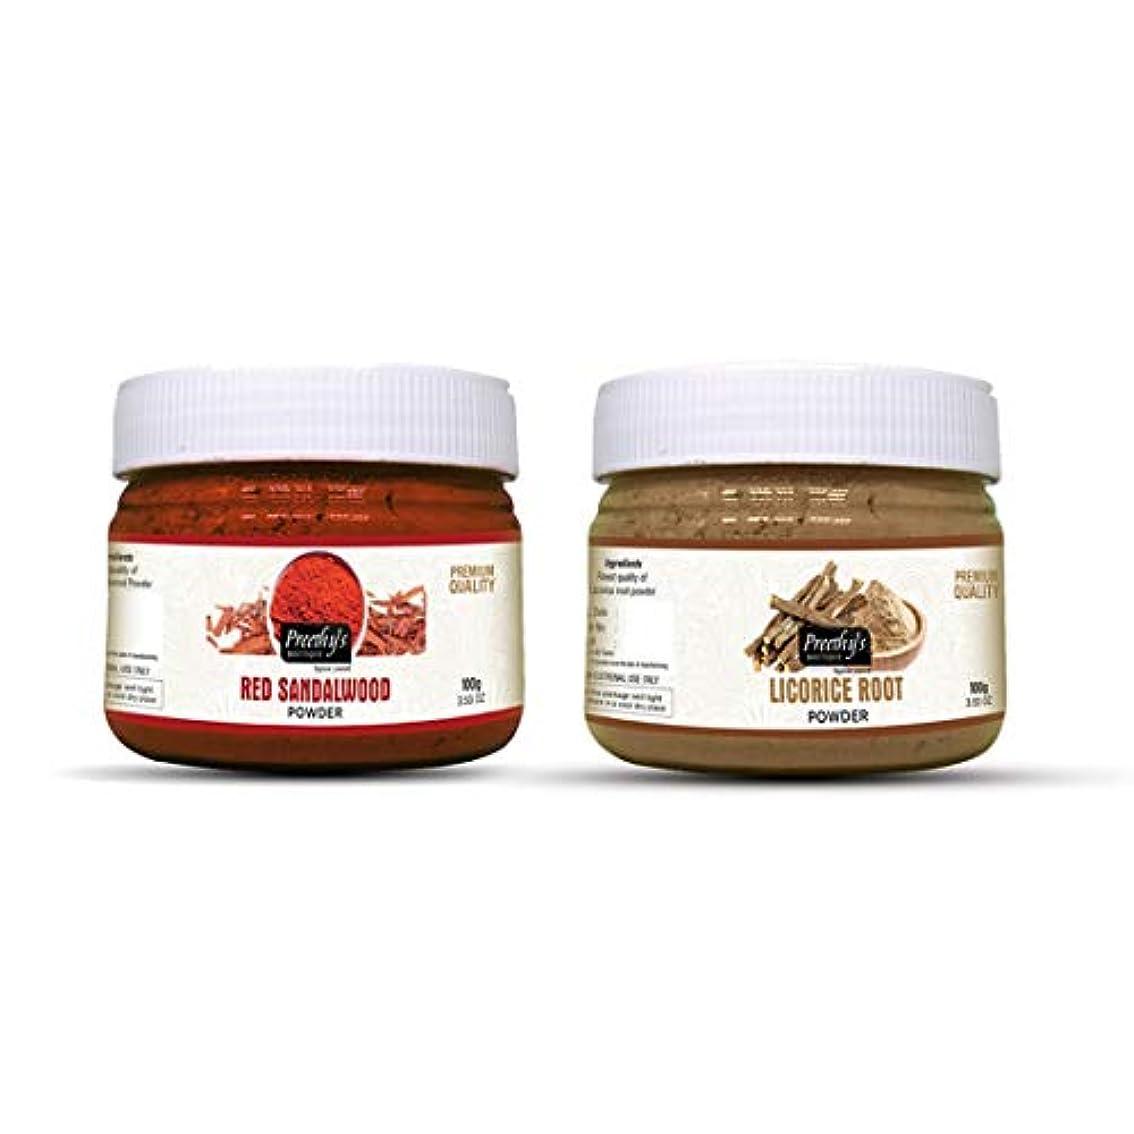 絶滅させる応用復讐Combo offer Of Licorice root powder 100gm & Red sandalwood powder 100gm - Natural Remedies for Skin Disorders,...